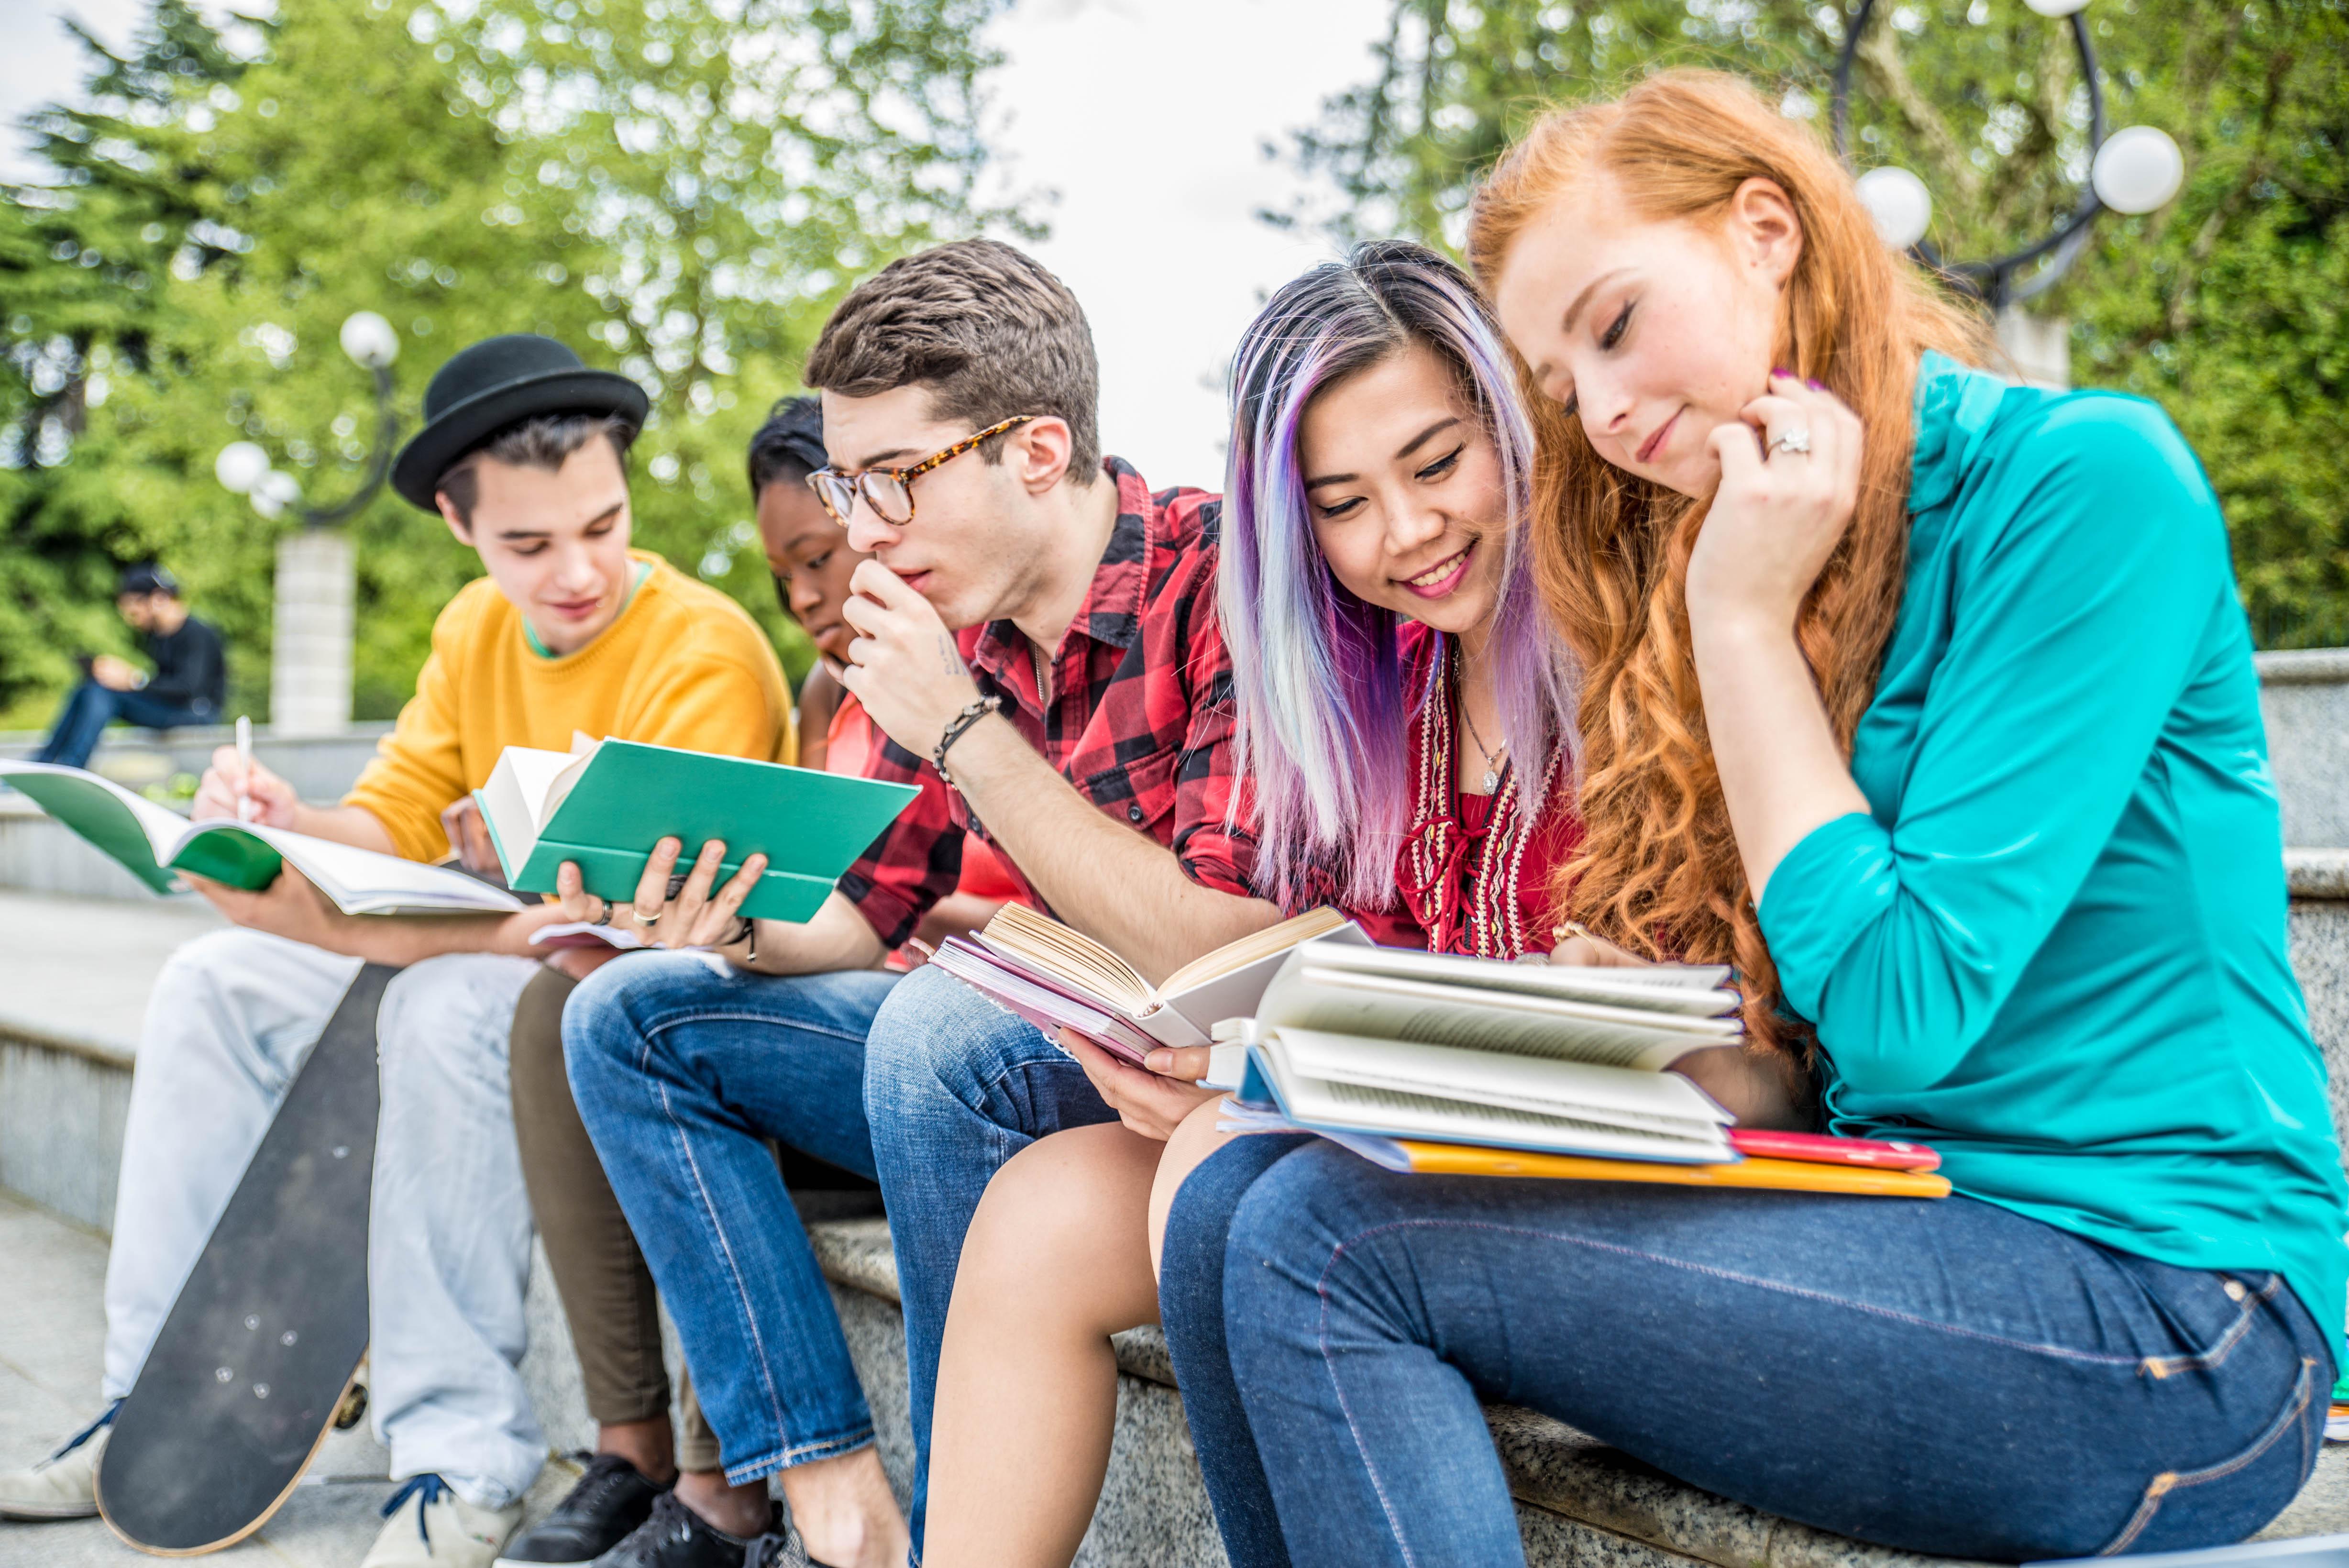 Студенты в Польше, ВНЖ которой можно получить по учебе